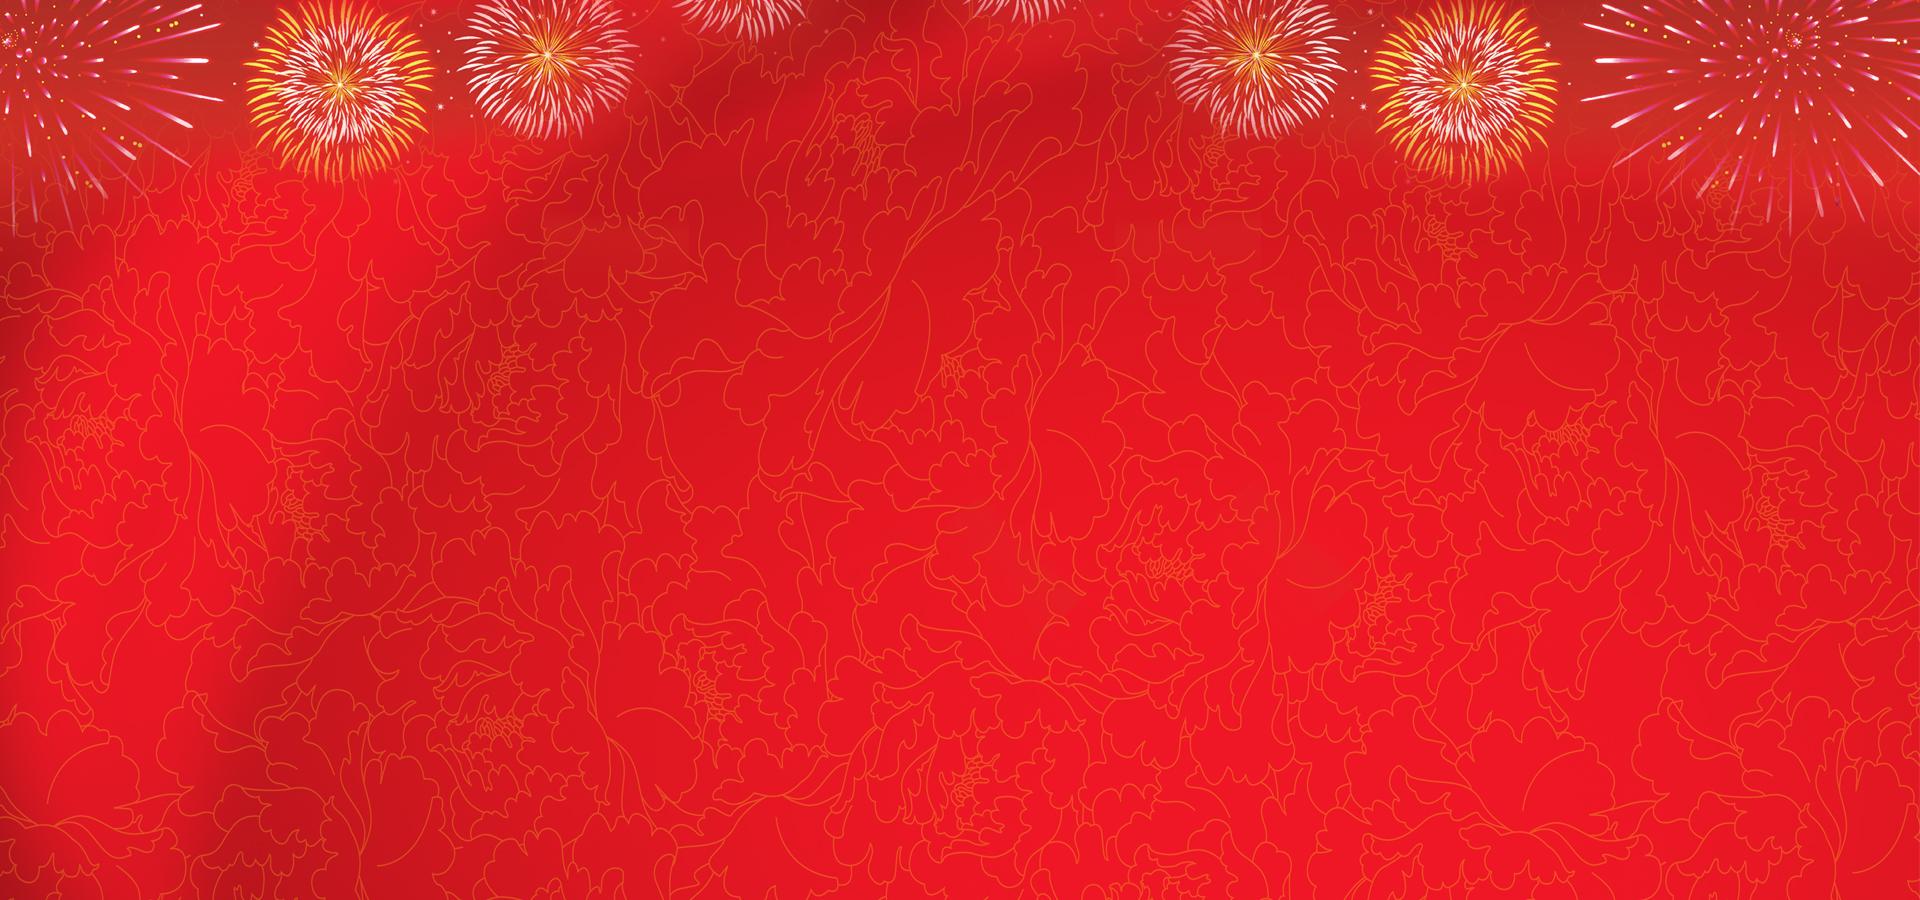 красный абстрактный фон Векторы фото и PSD файлы  Скачать